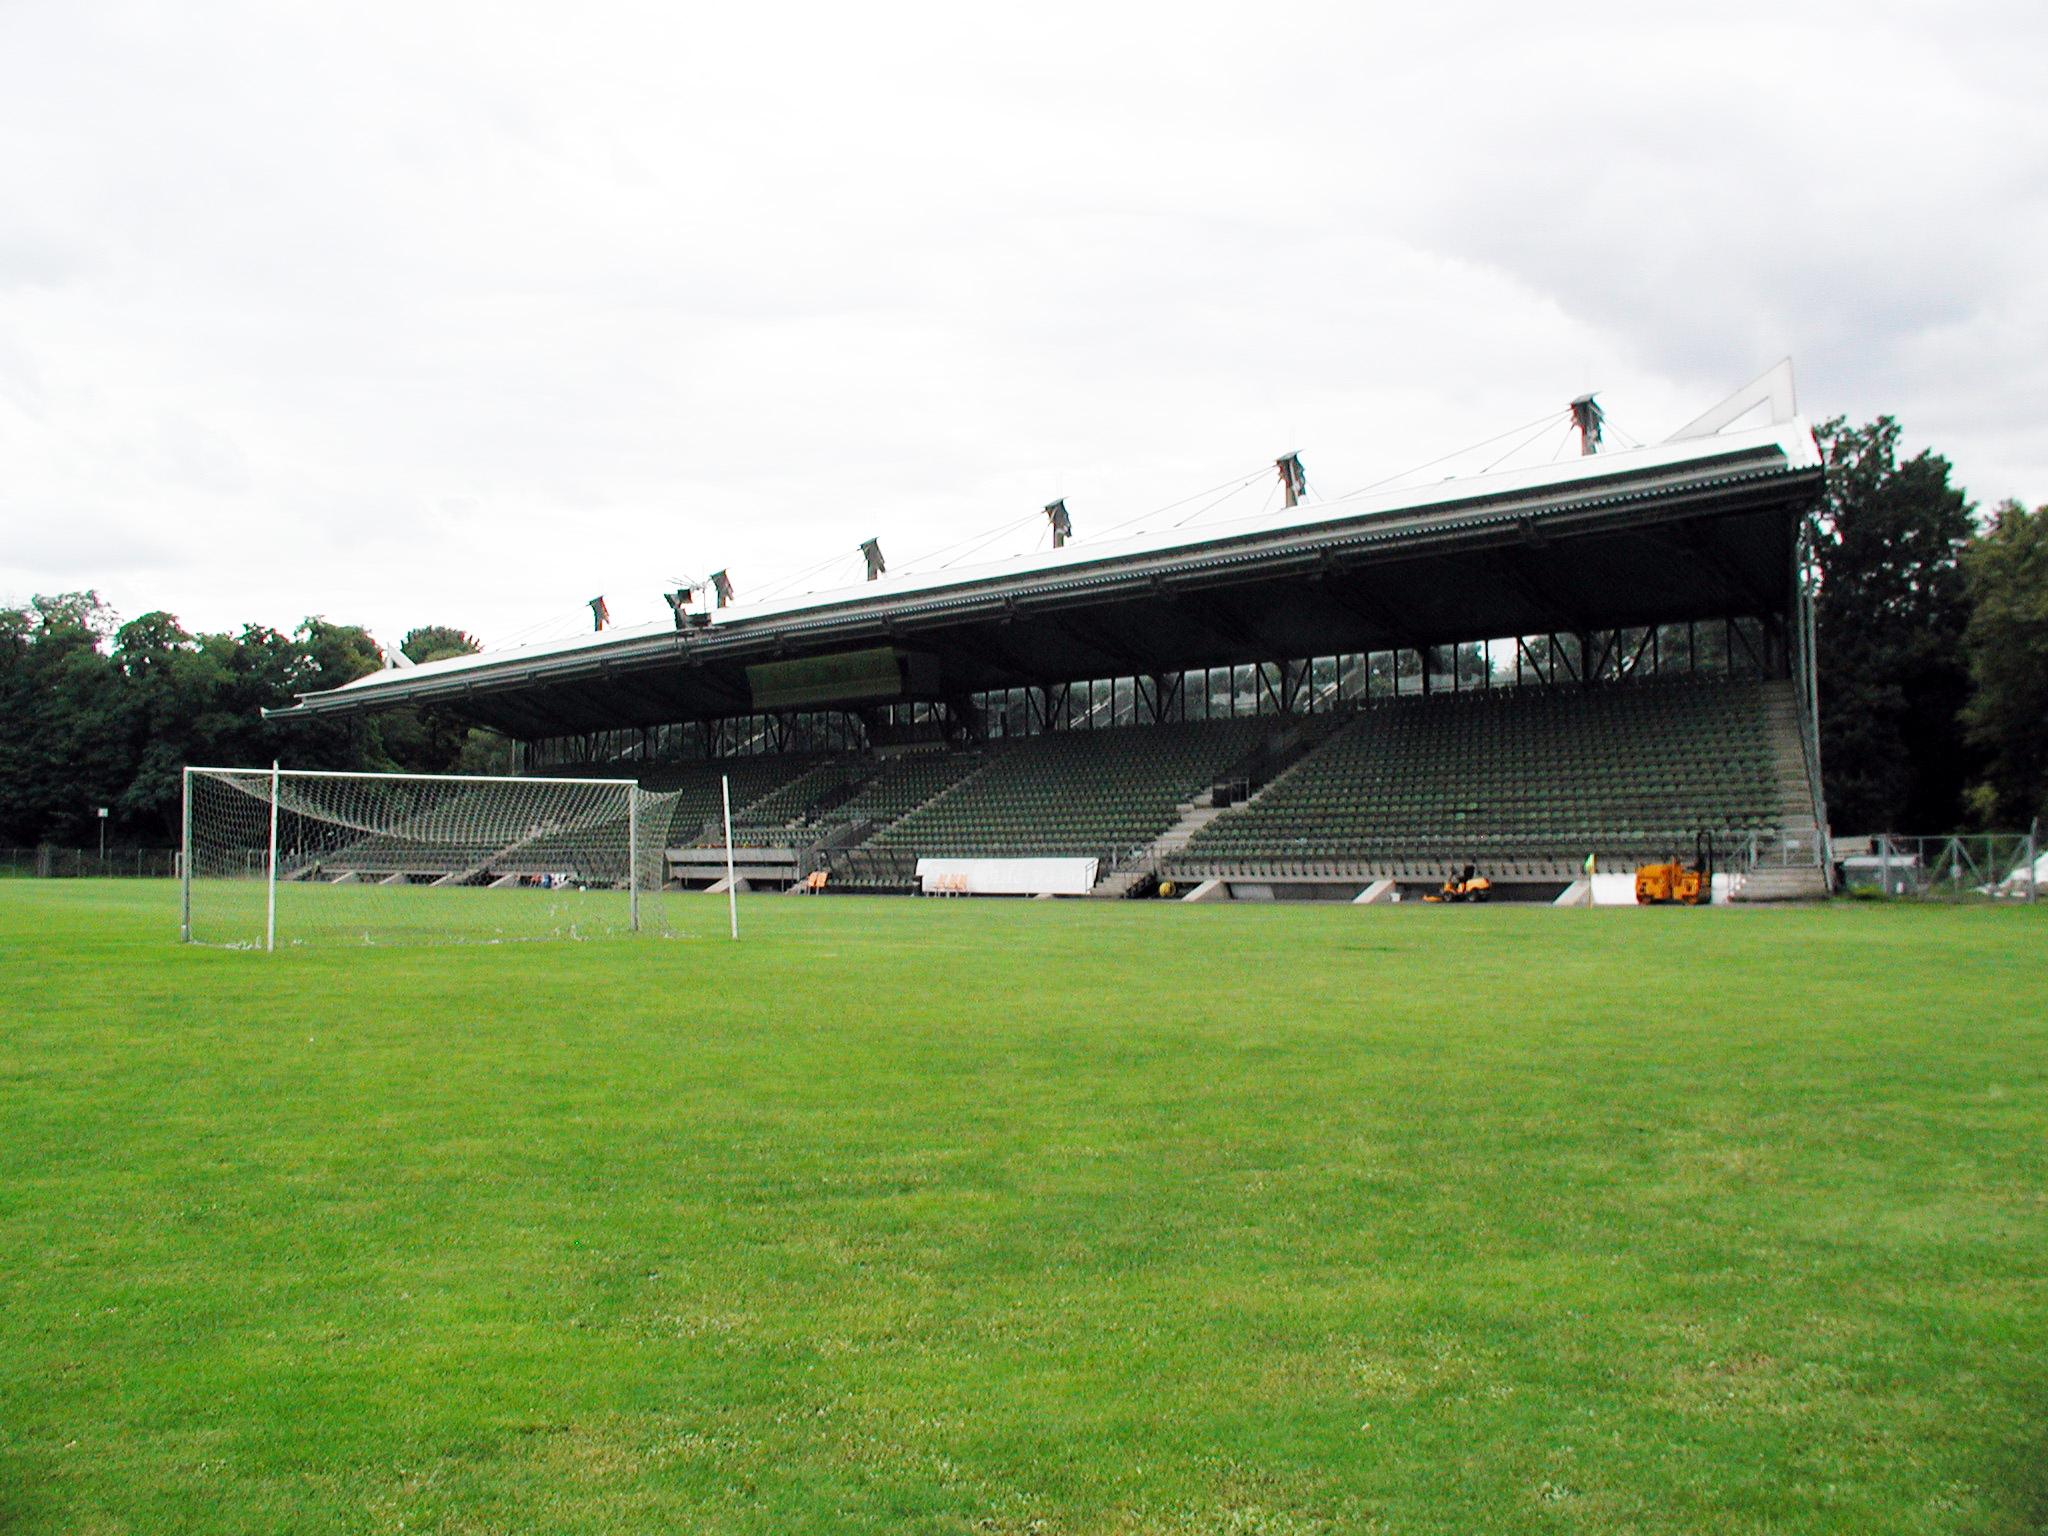 Haupttribüne des Stadions